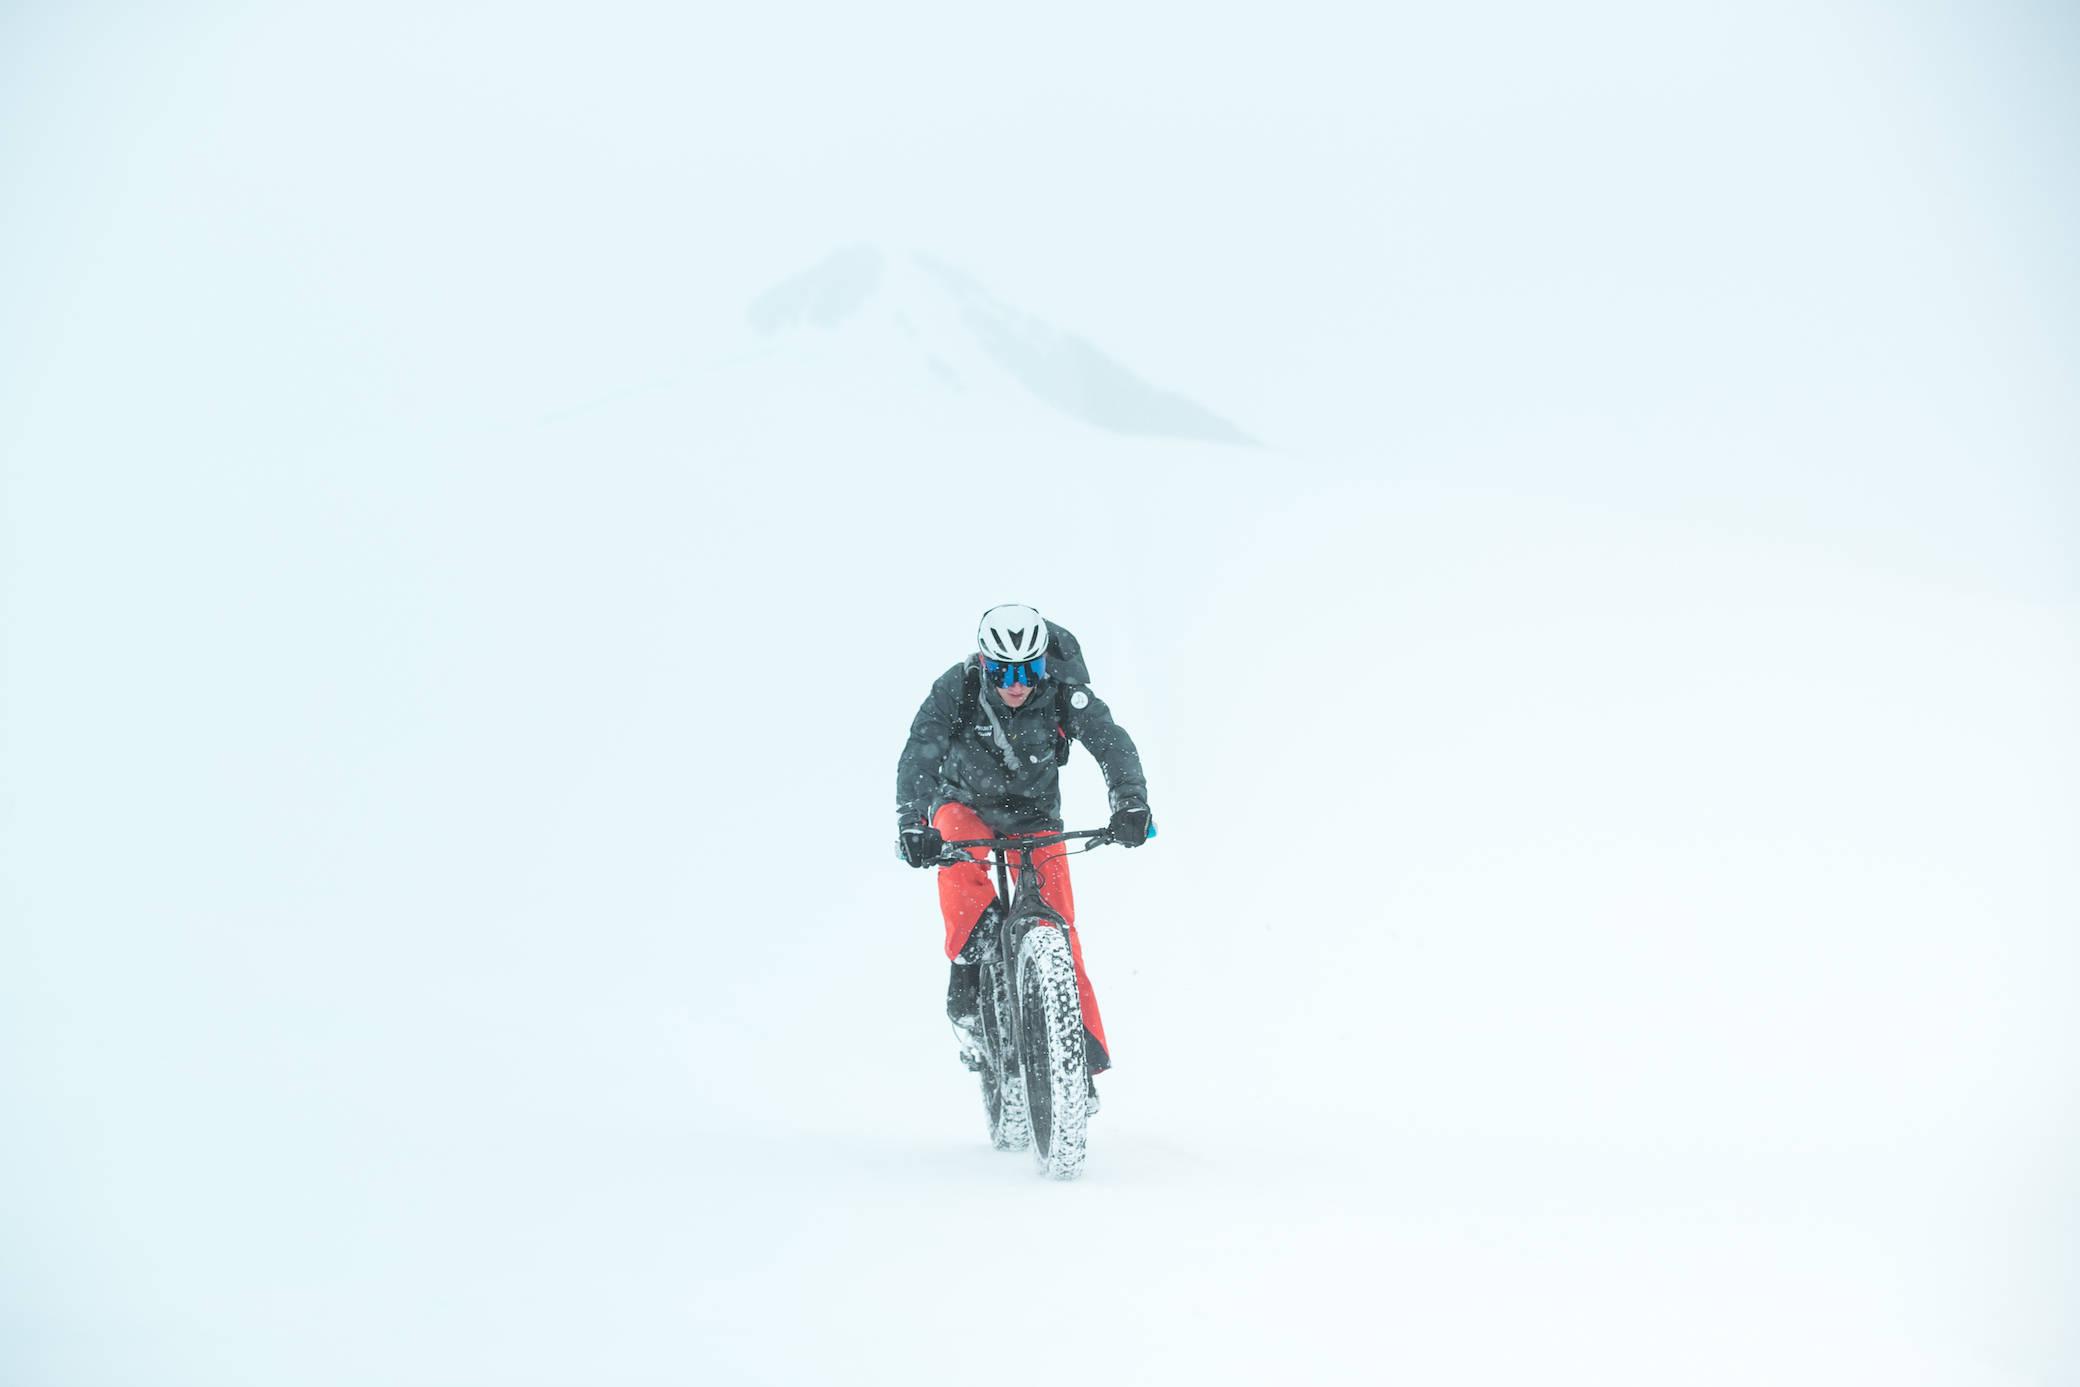 73小时的疯狂挑战,他在南极完成人类首个超级铁人三项